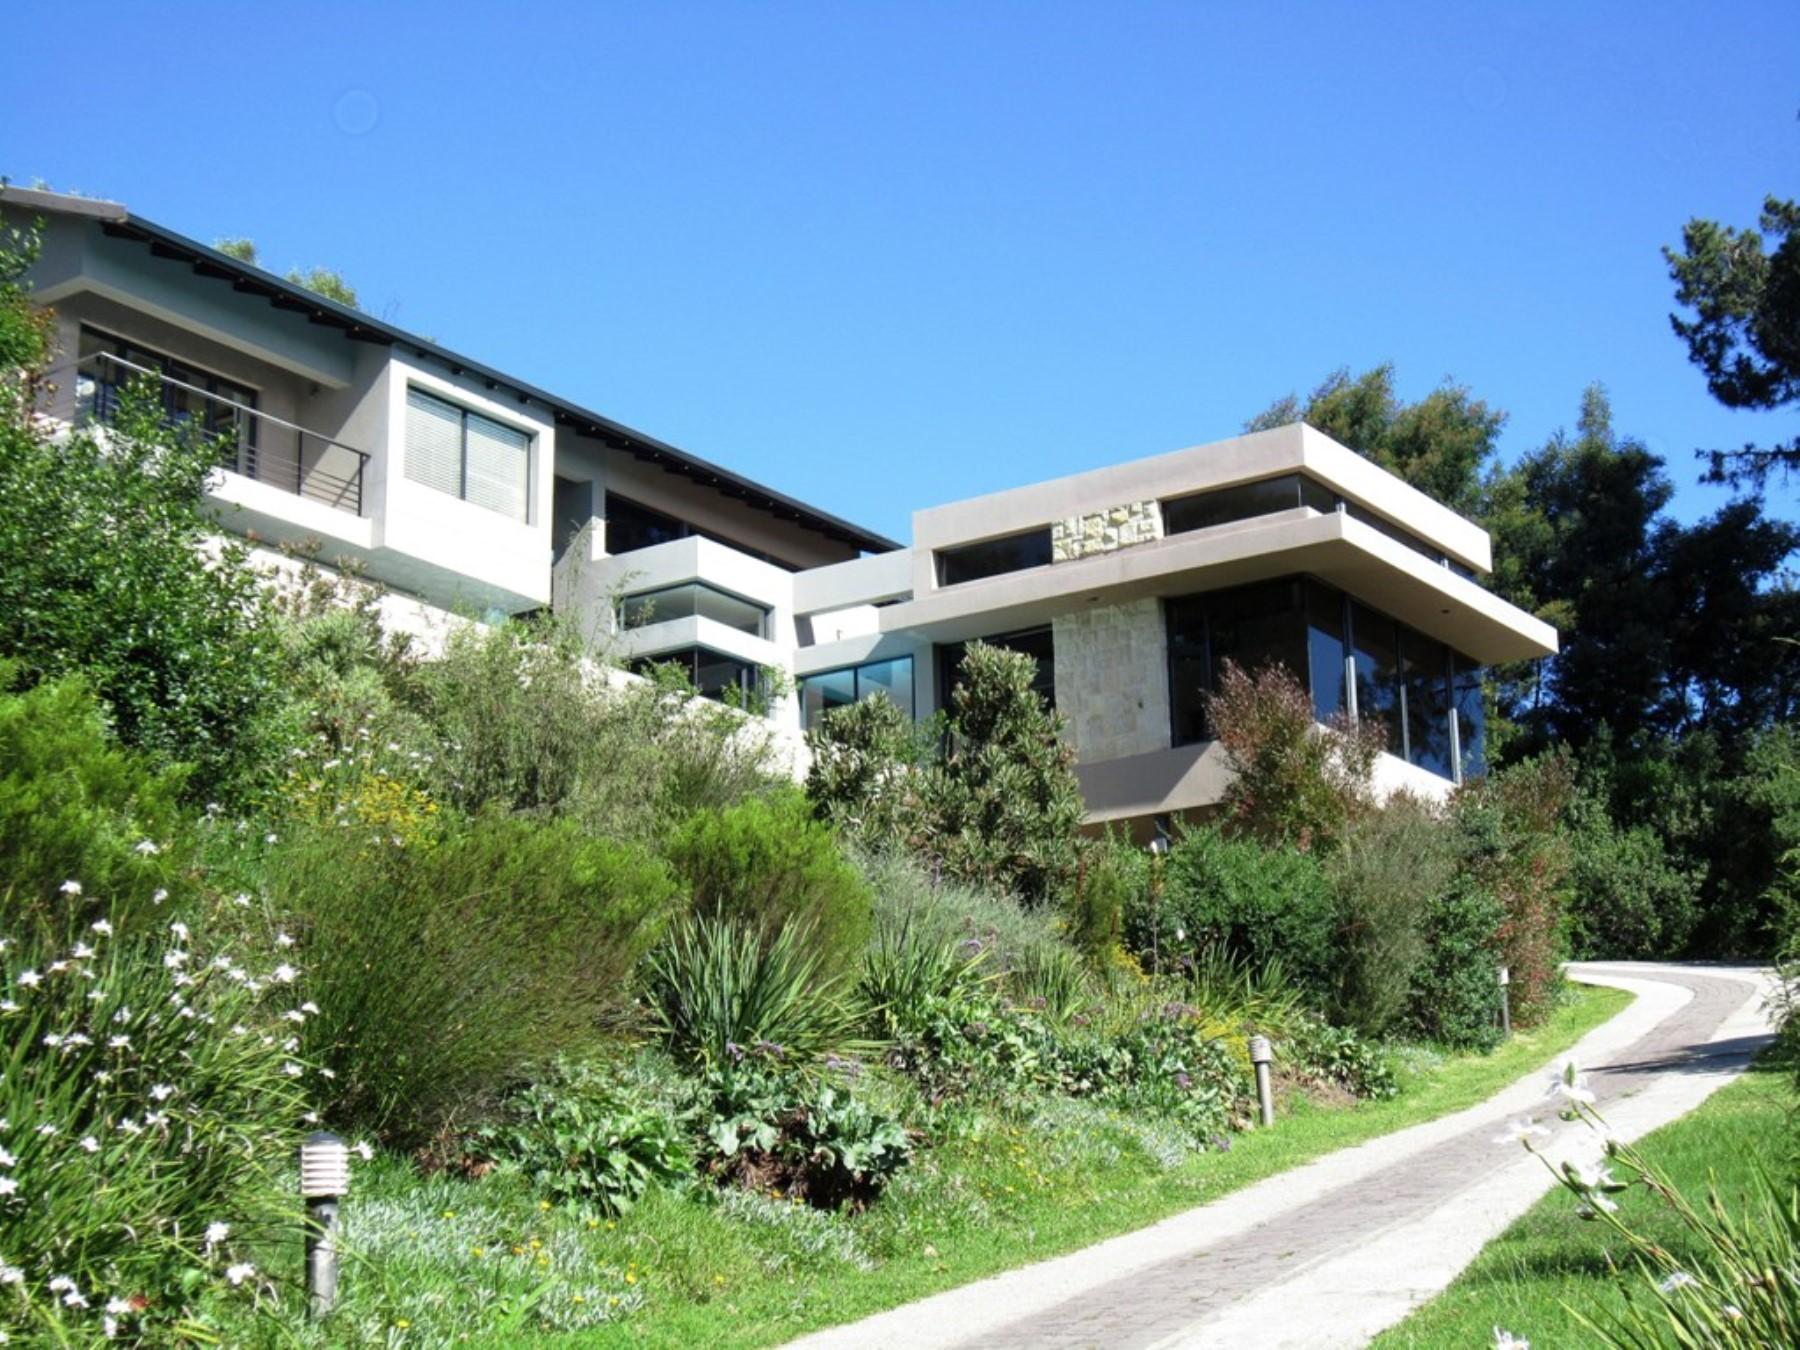 一戸建て のために 売買 アット A house in Simola Golf Estate Knysna, 西ケープ, 6571 南アフリカ